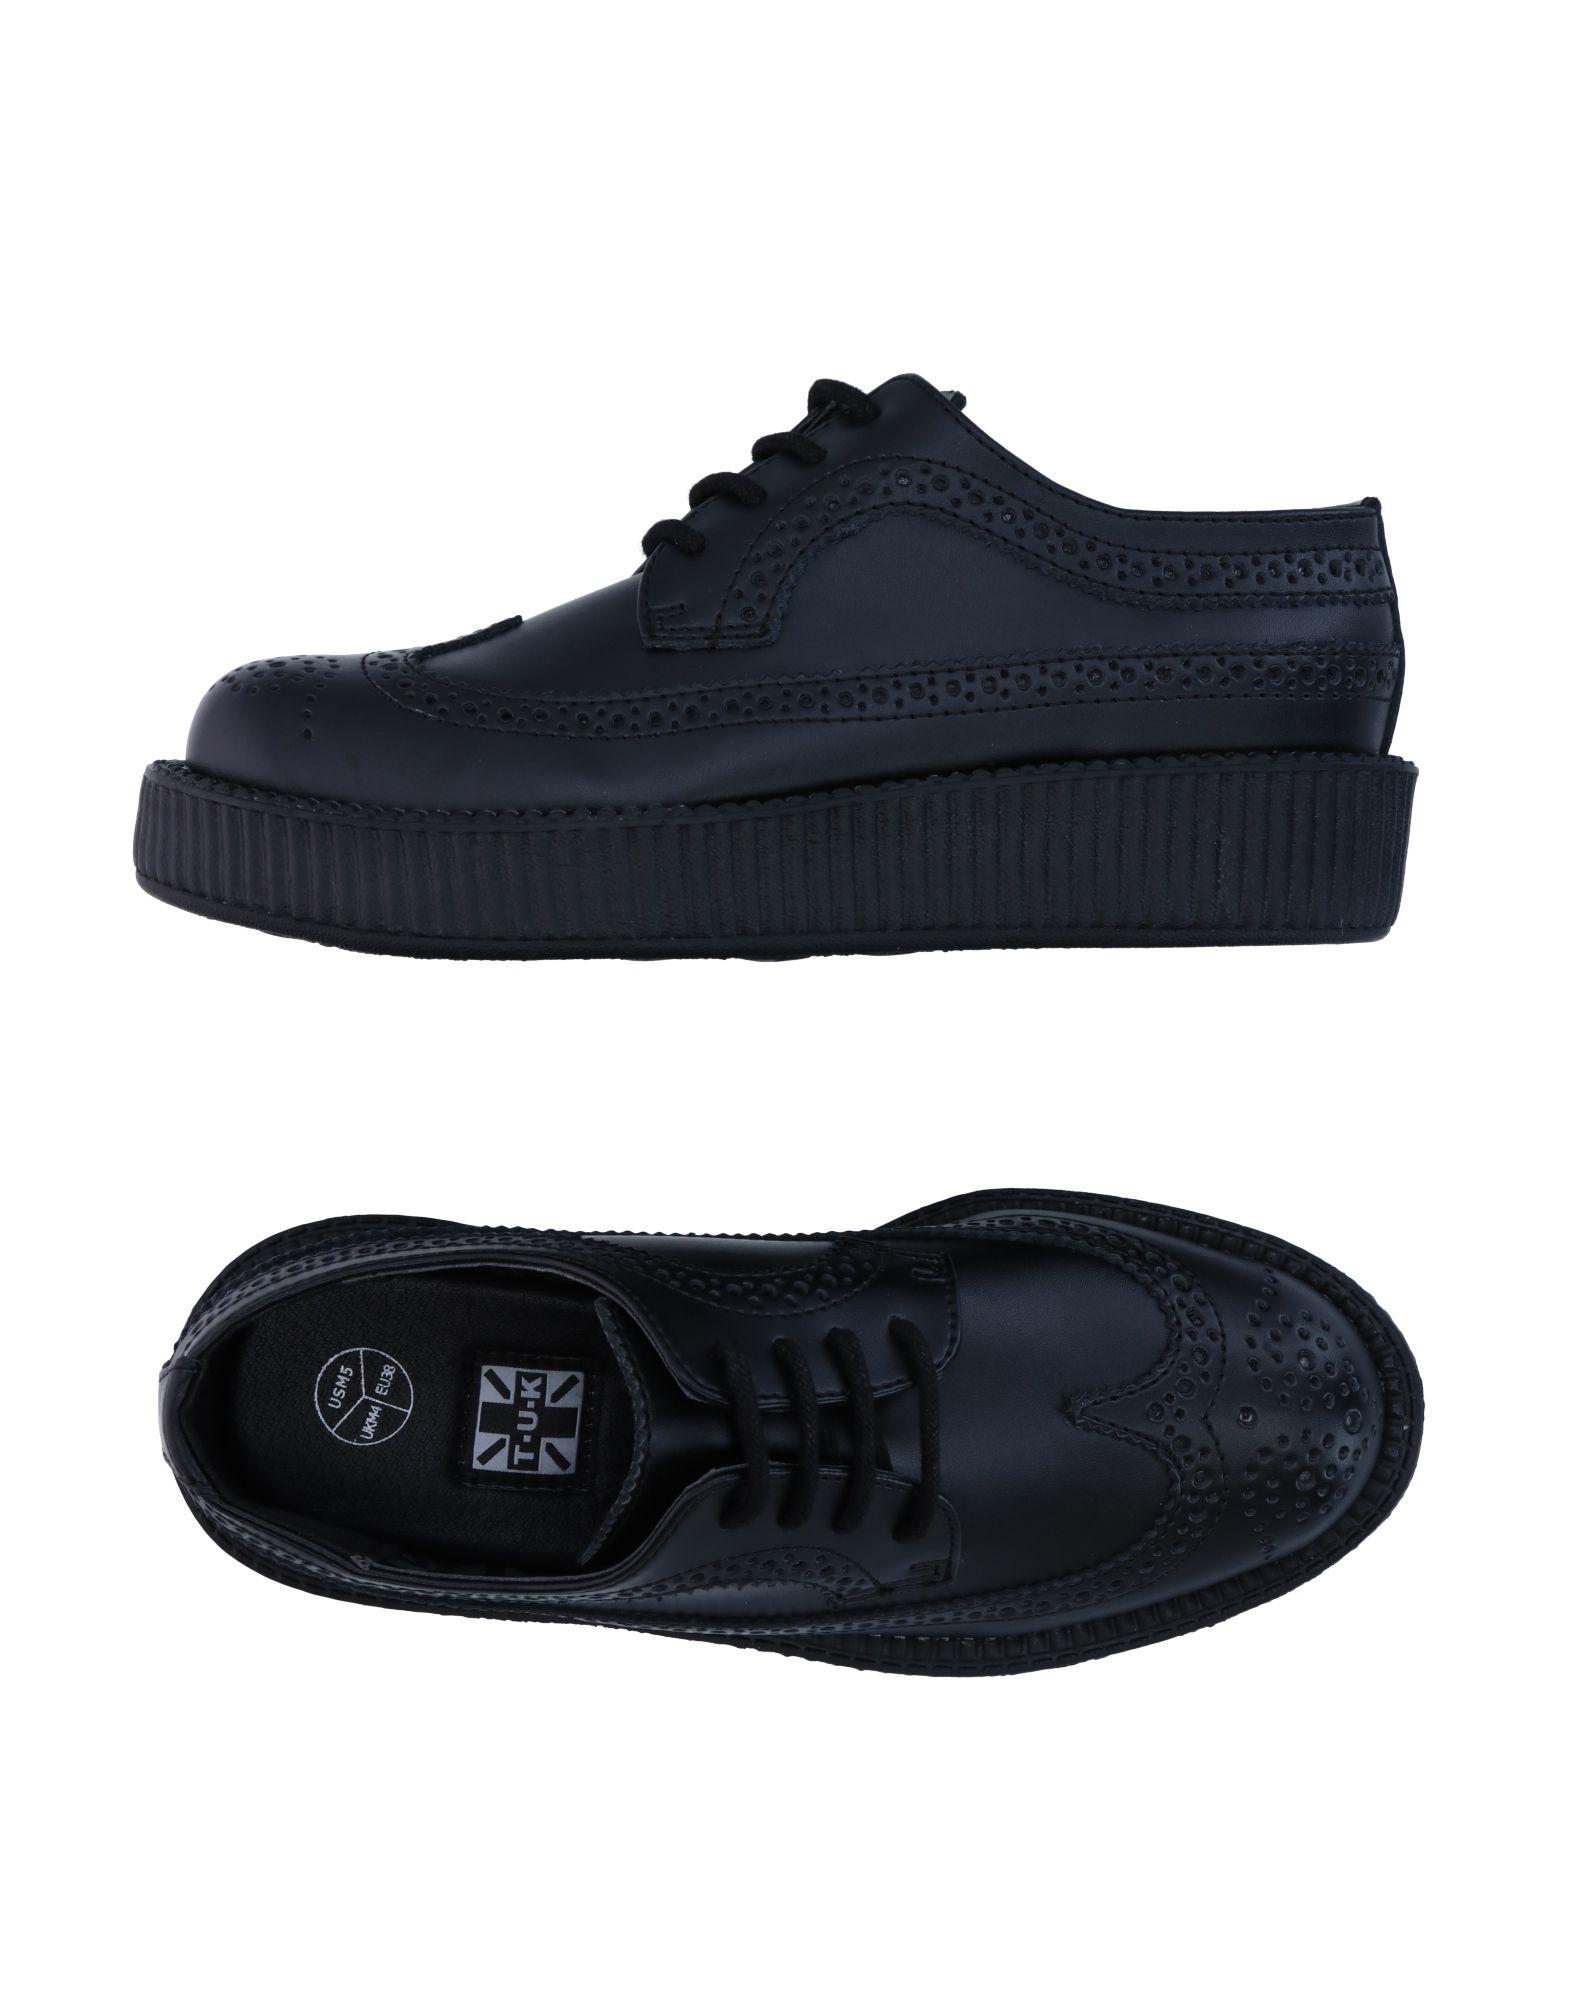 T.U.K Schnürschuhe Damen  beliebte 11269582AS Gute Qualität beliebte  Schuhe 2a990a